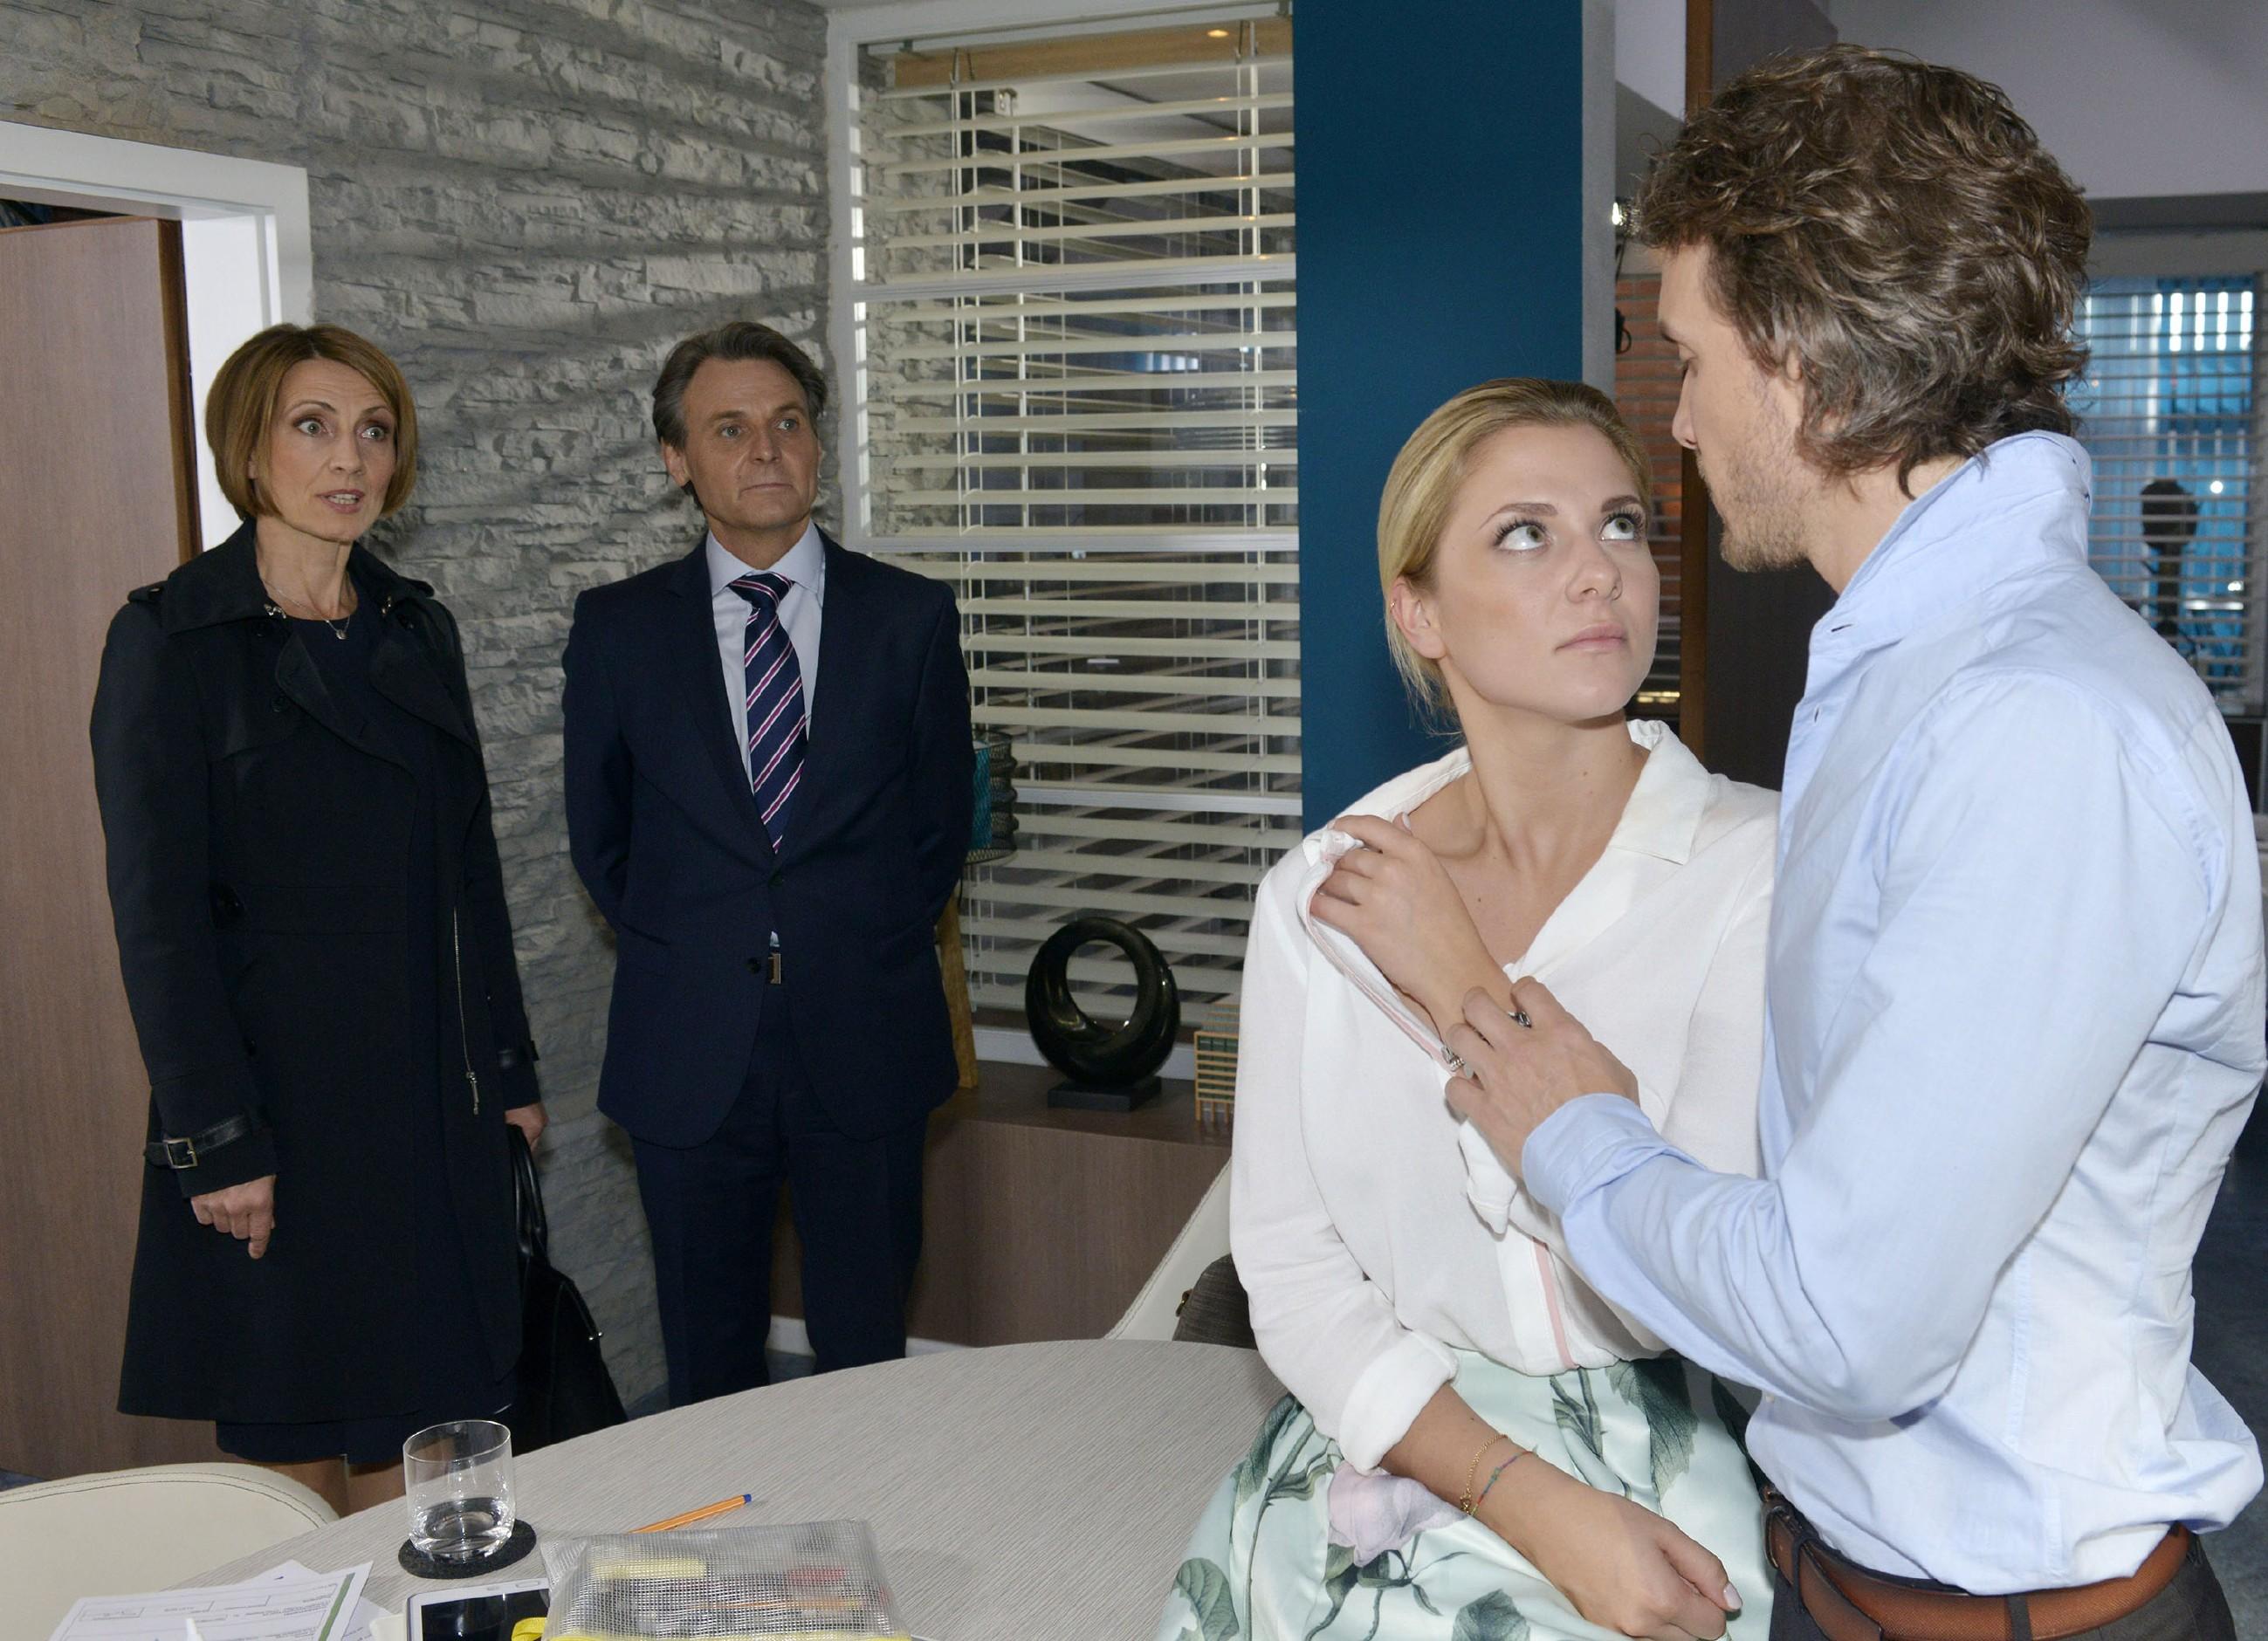 Sunny (Valentina Pahde, 2.v.r.) und Felix (Thaddäus Meilinger, r.) werden von Rosa (Joana Schümer) und Gerner (Wolfgang Bahro) in einem innigen Moment überrascht. (Quelle: RTL / Rolf Baumgartner)